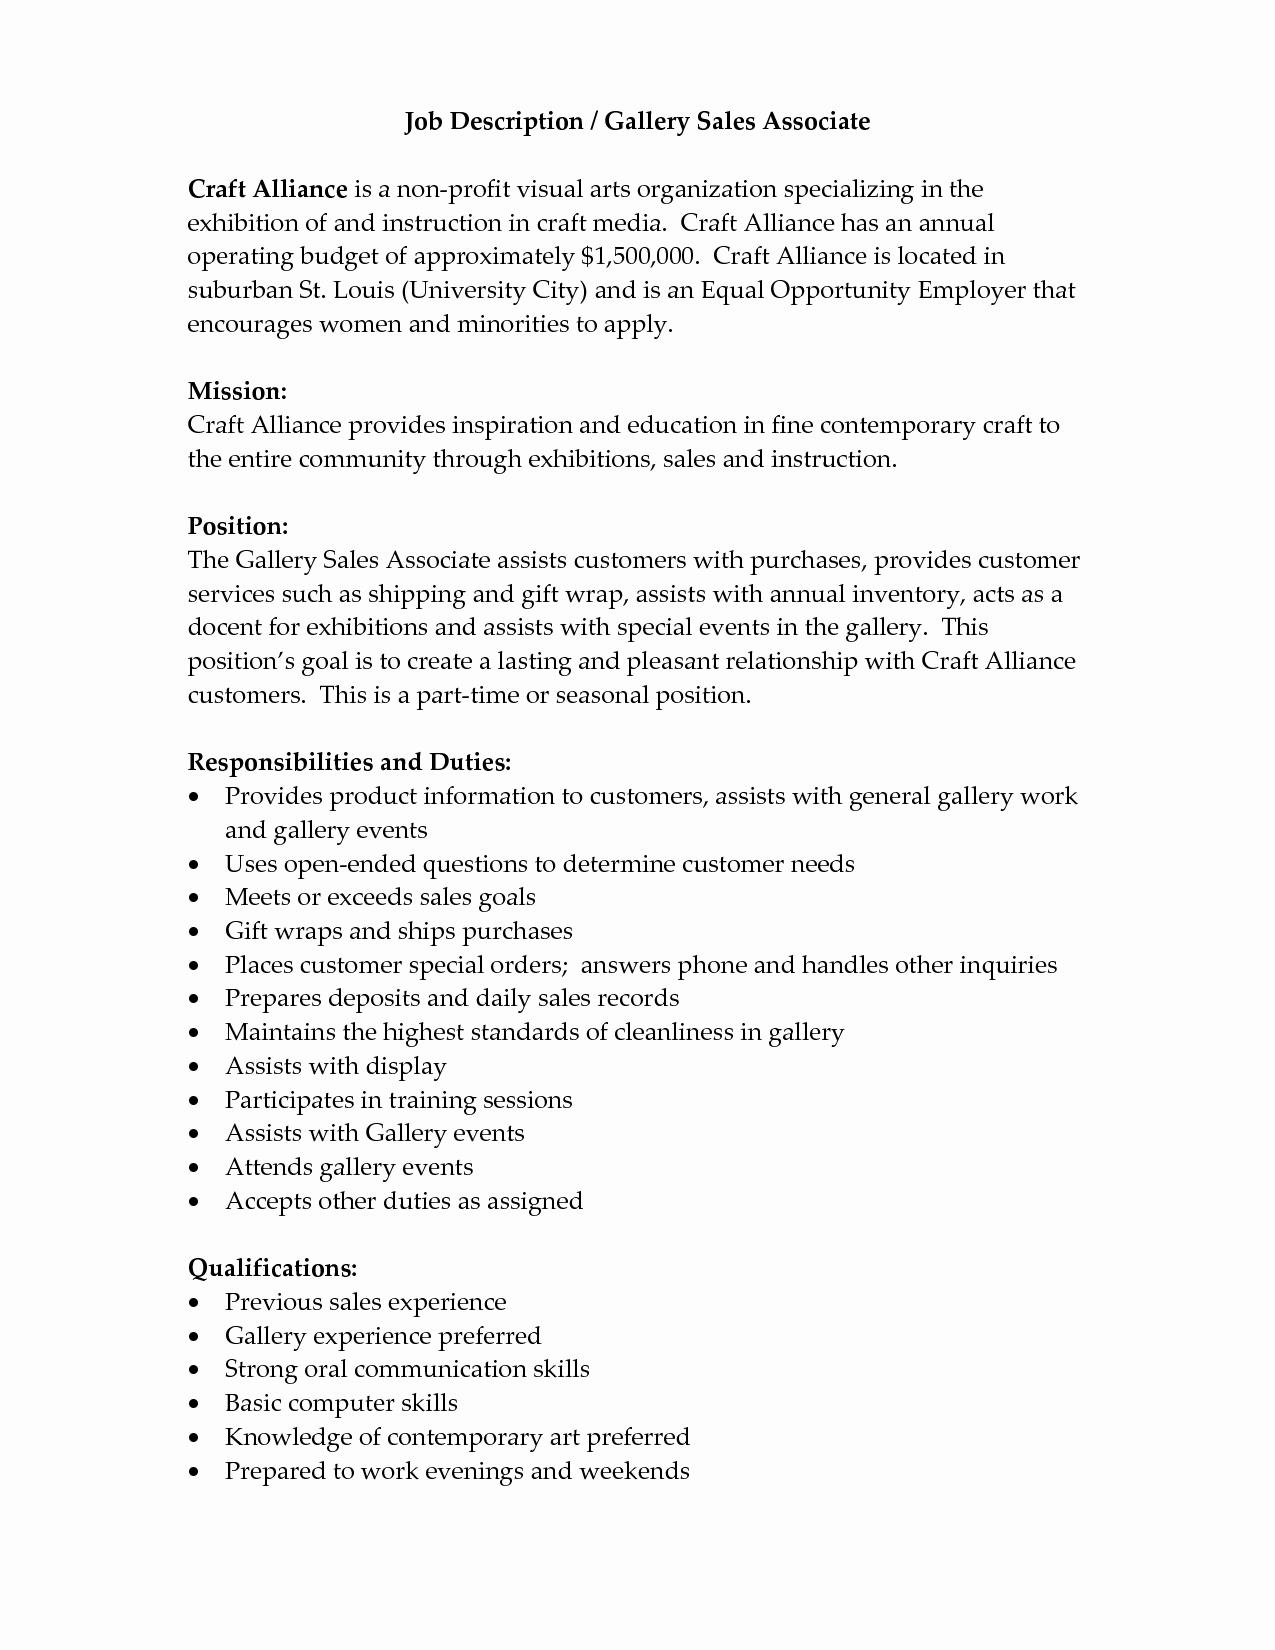 Job Description Of Retail Sales associate for Resume Sales